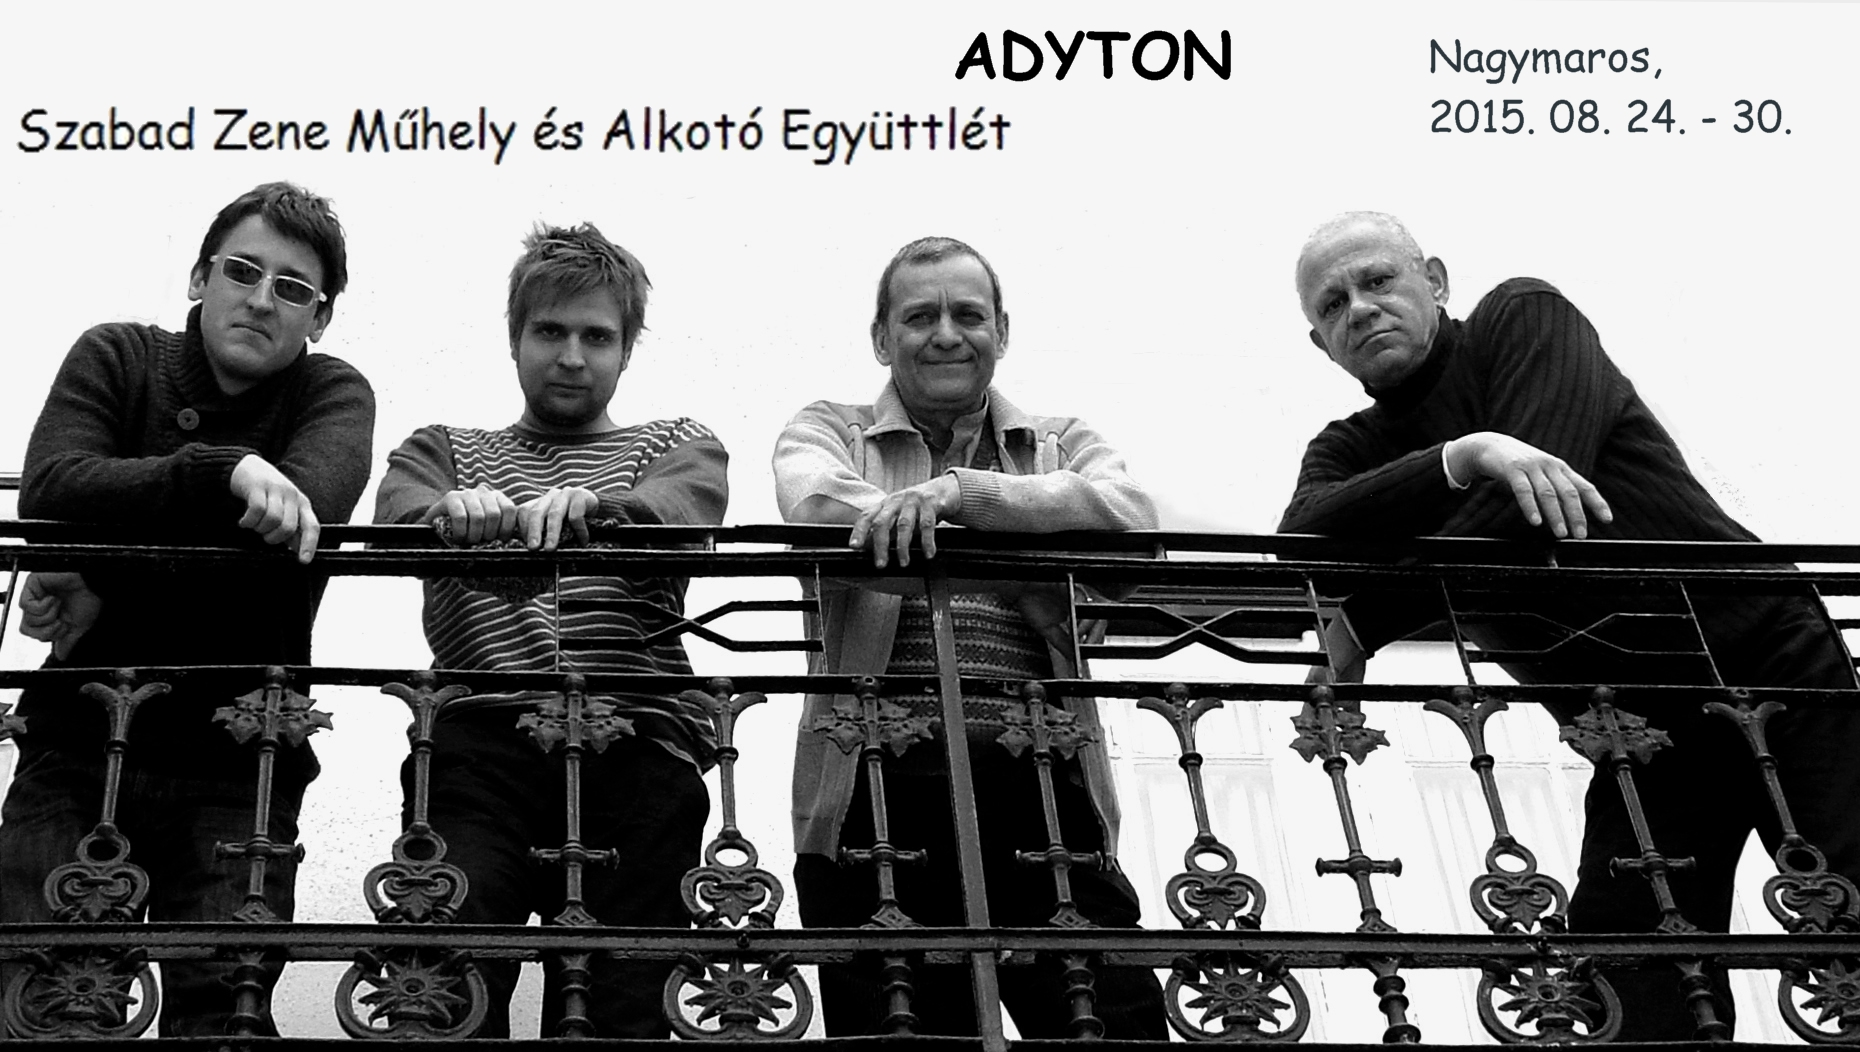 ADYTON Szabad Zene Műhely és Alkotó Együttlét